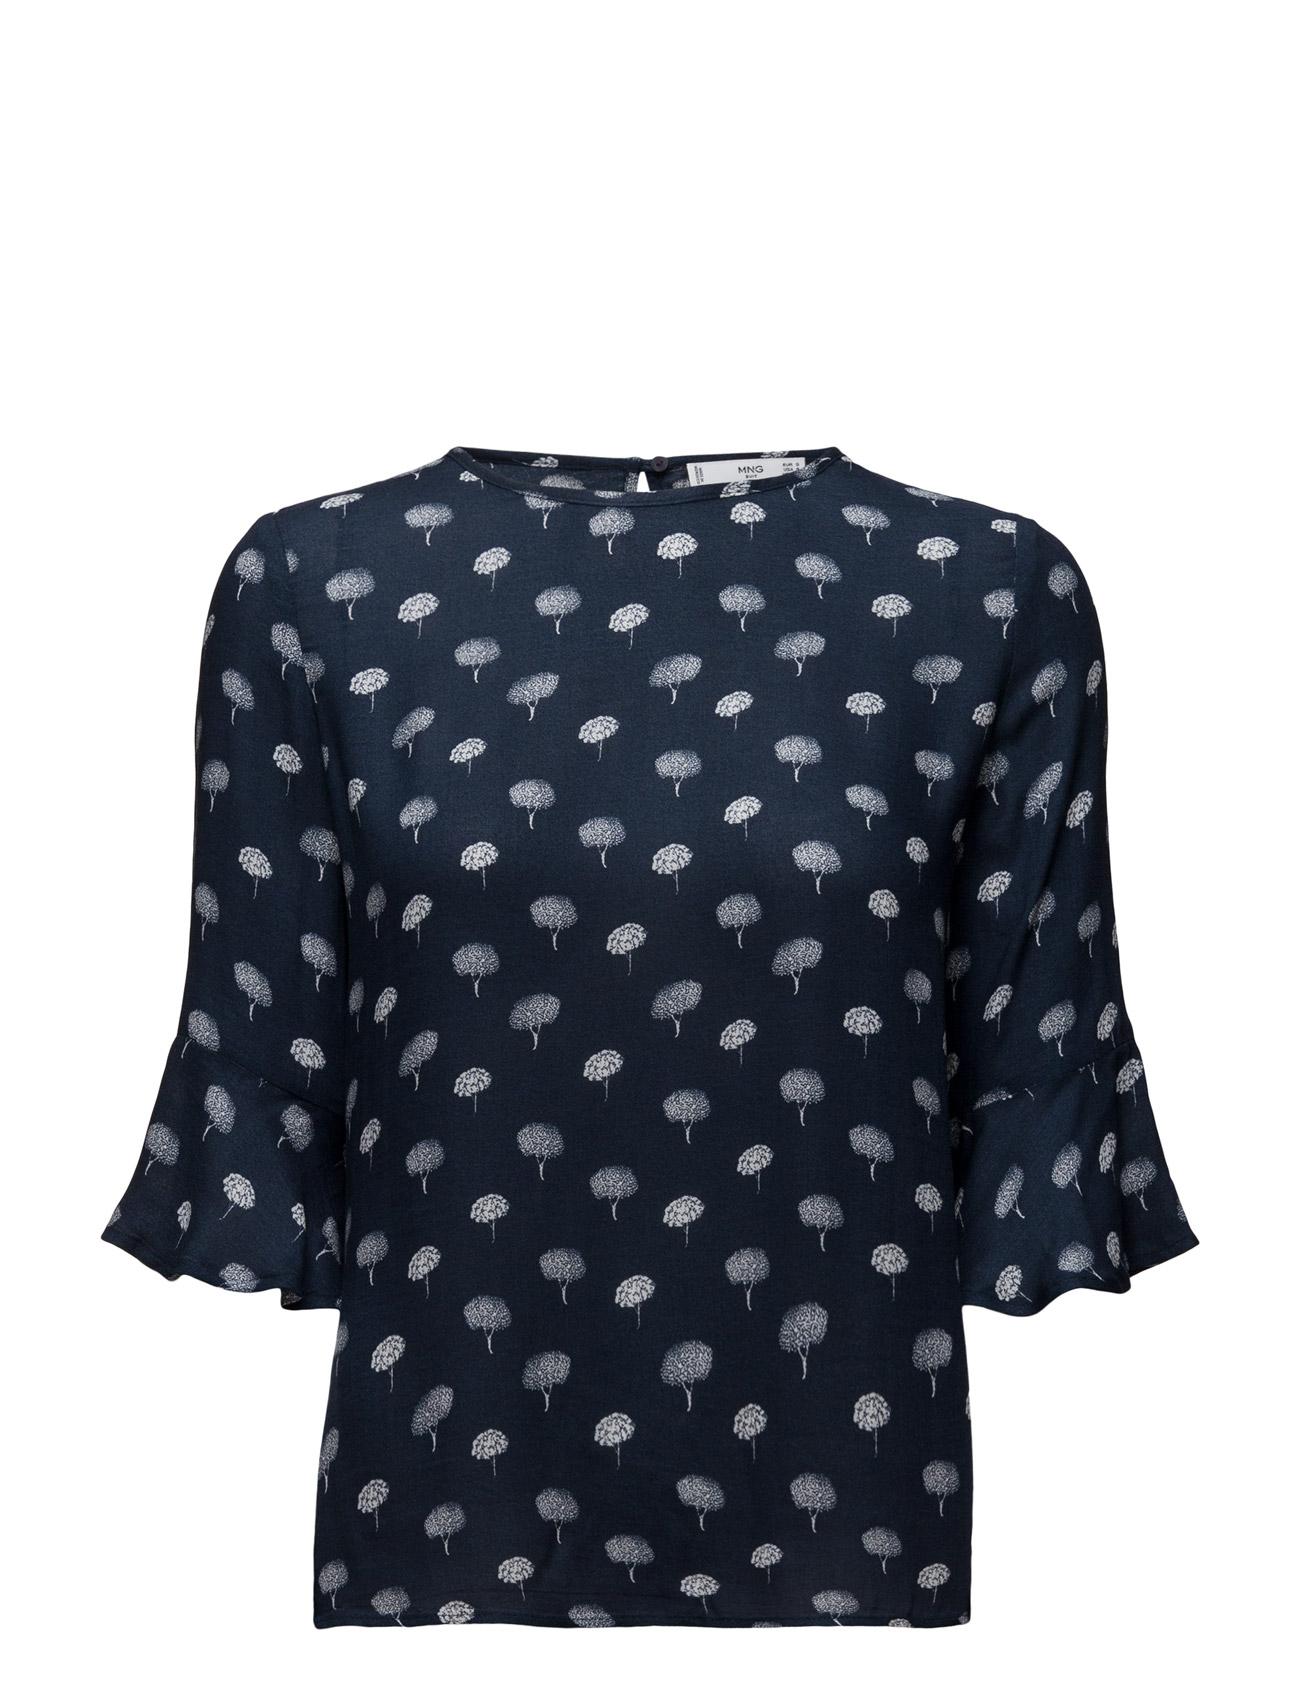 Flowy Printed Blouse Mango Langærmede til Kvinder i Navy blå